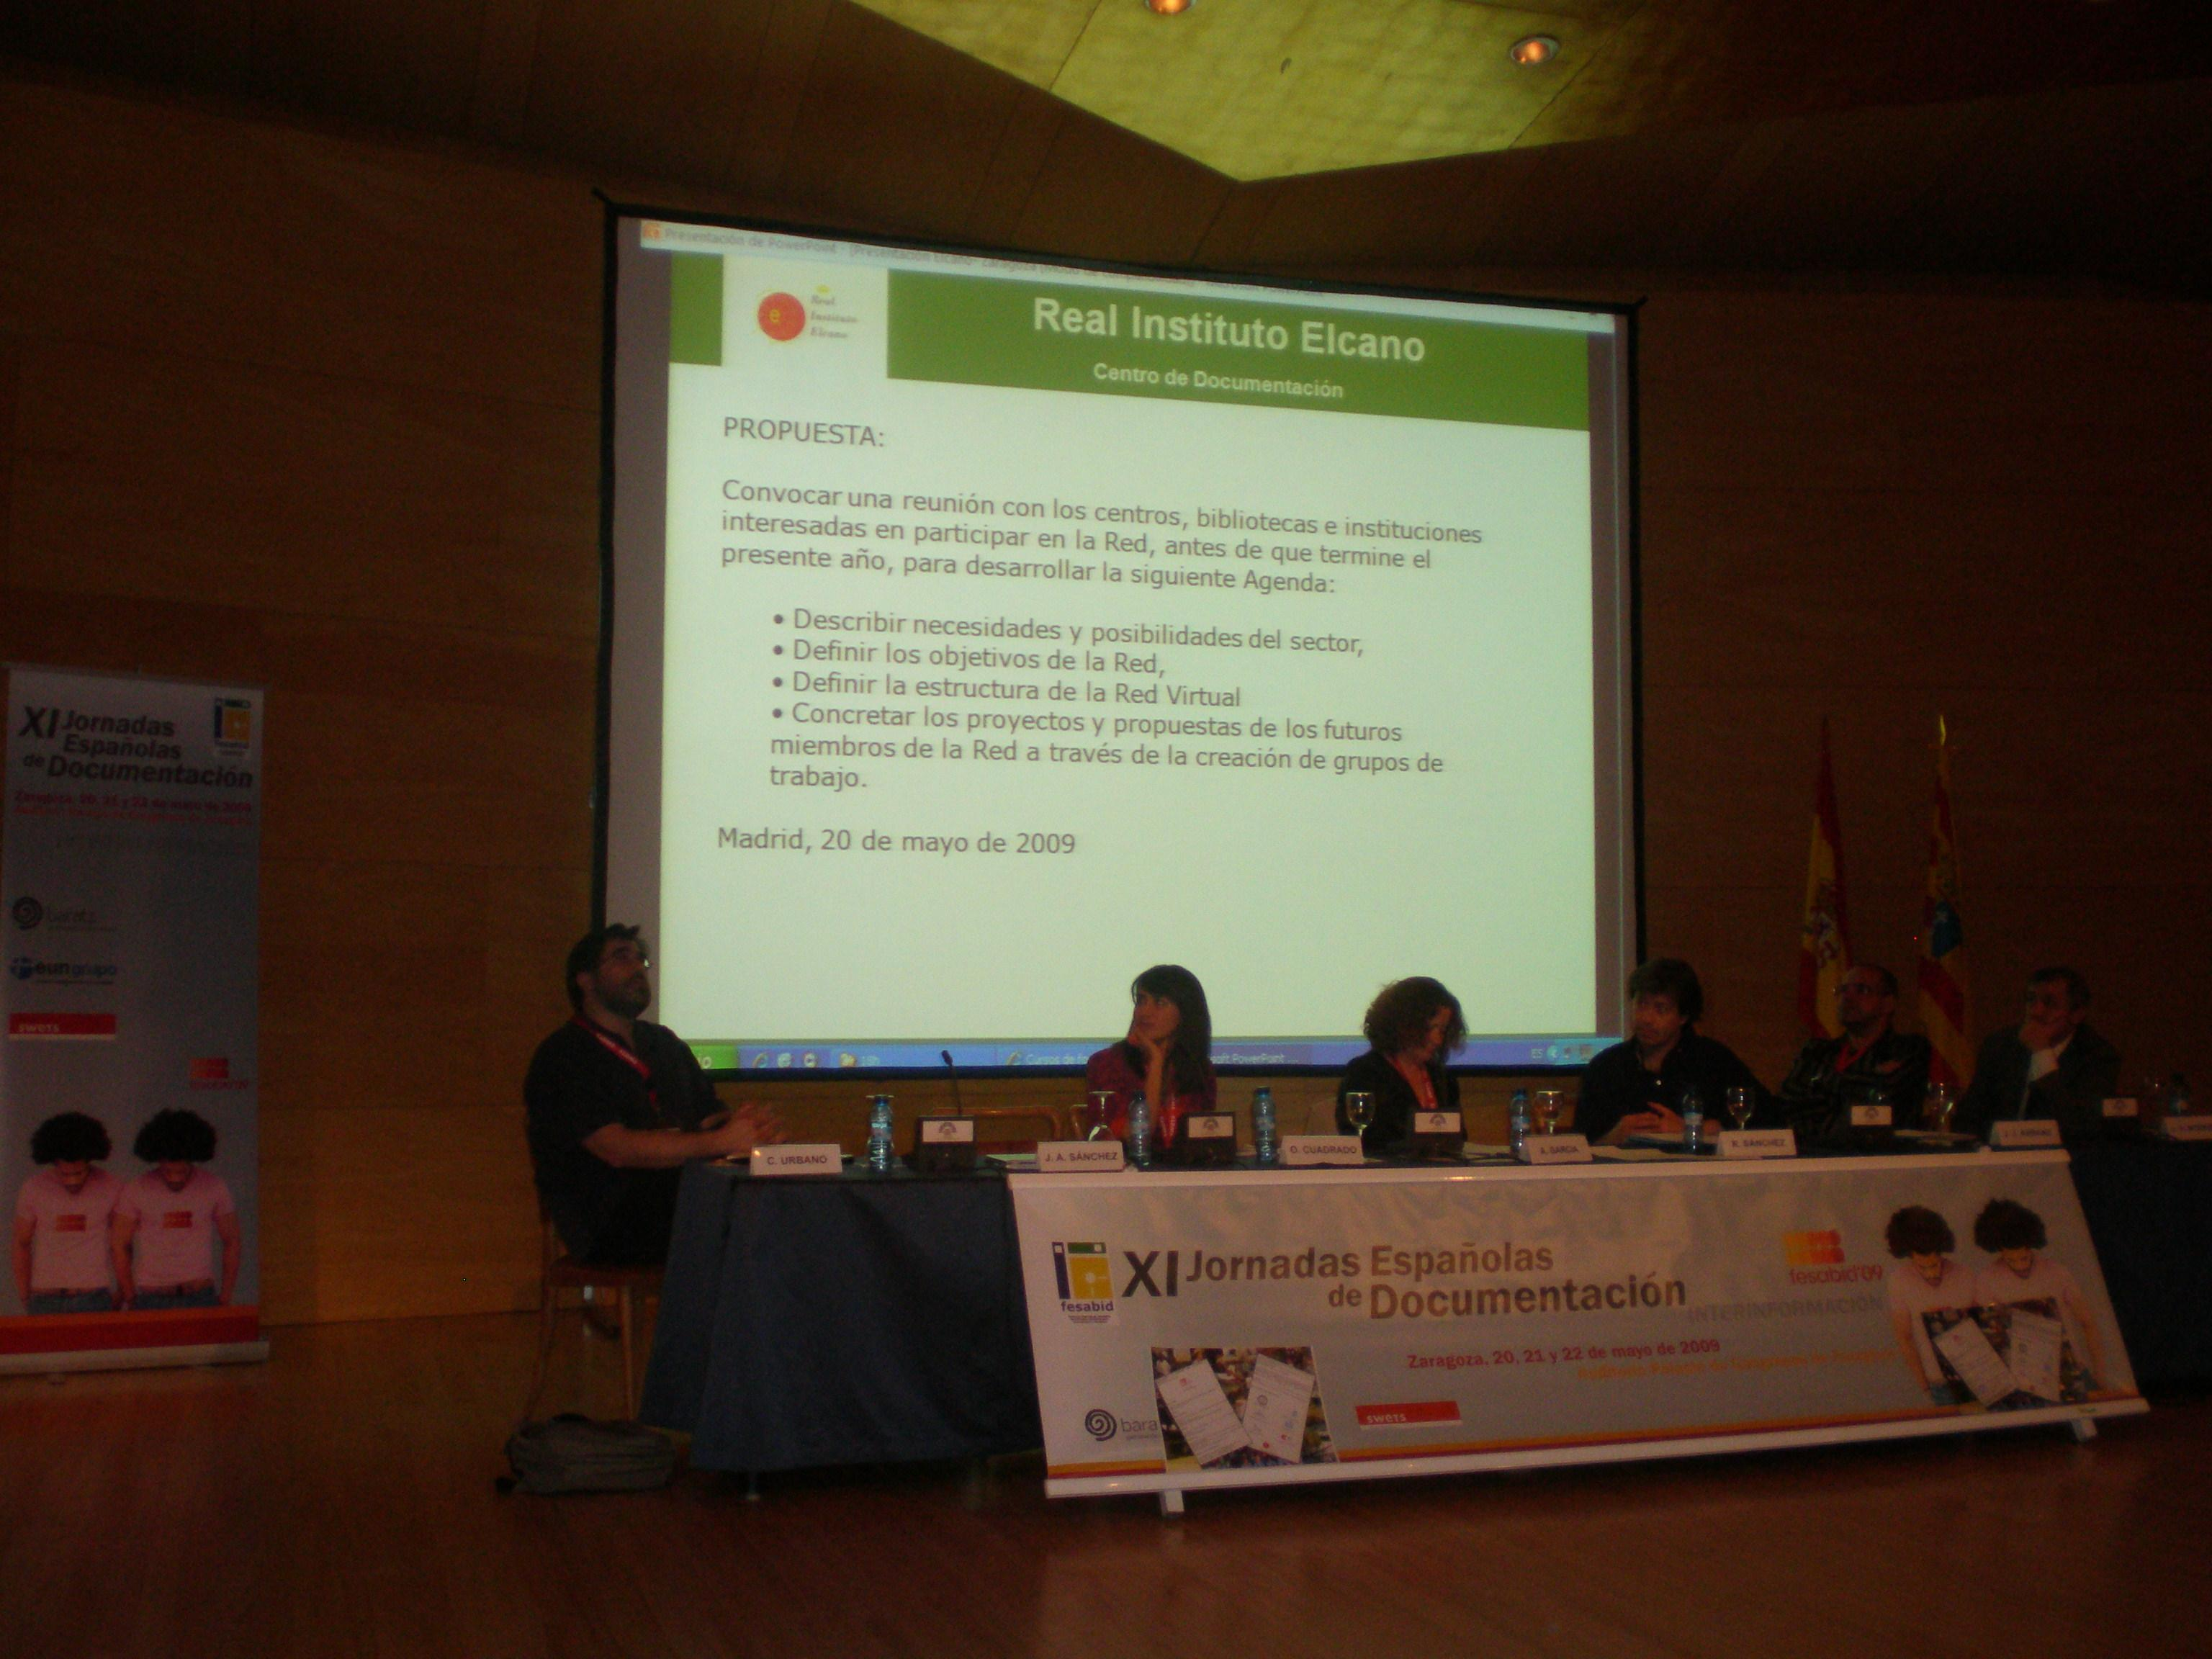 Propuesta del Foro Social para el Desarrollo y Bibliotecas